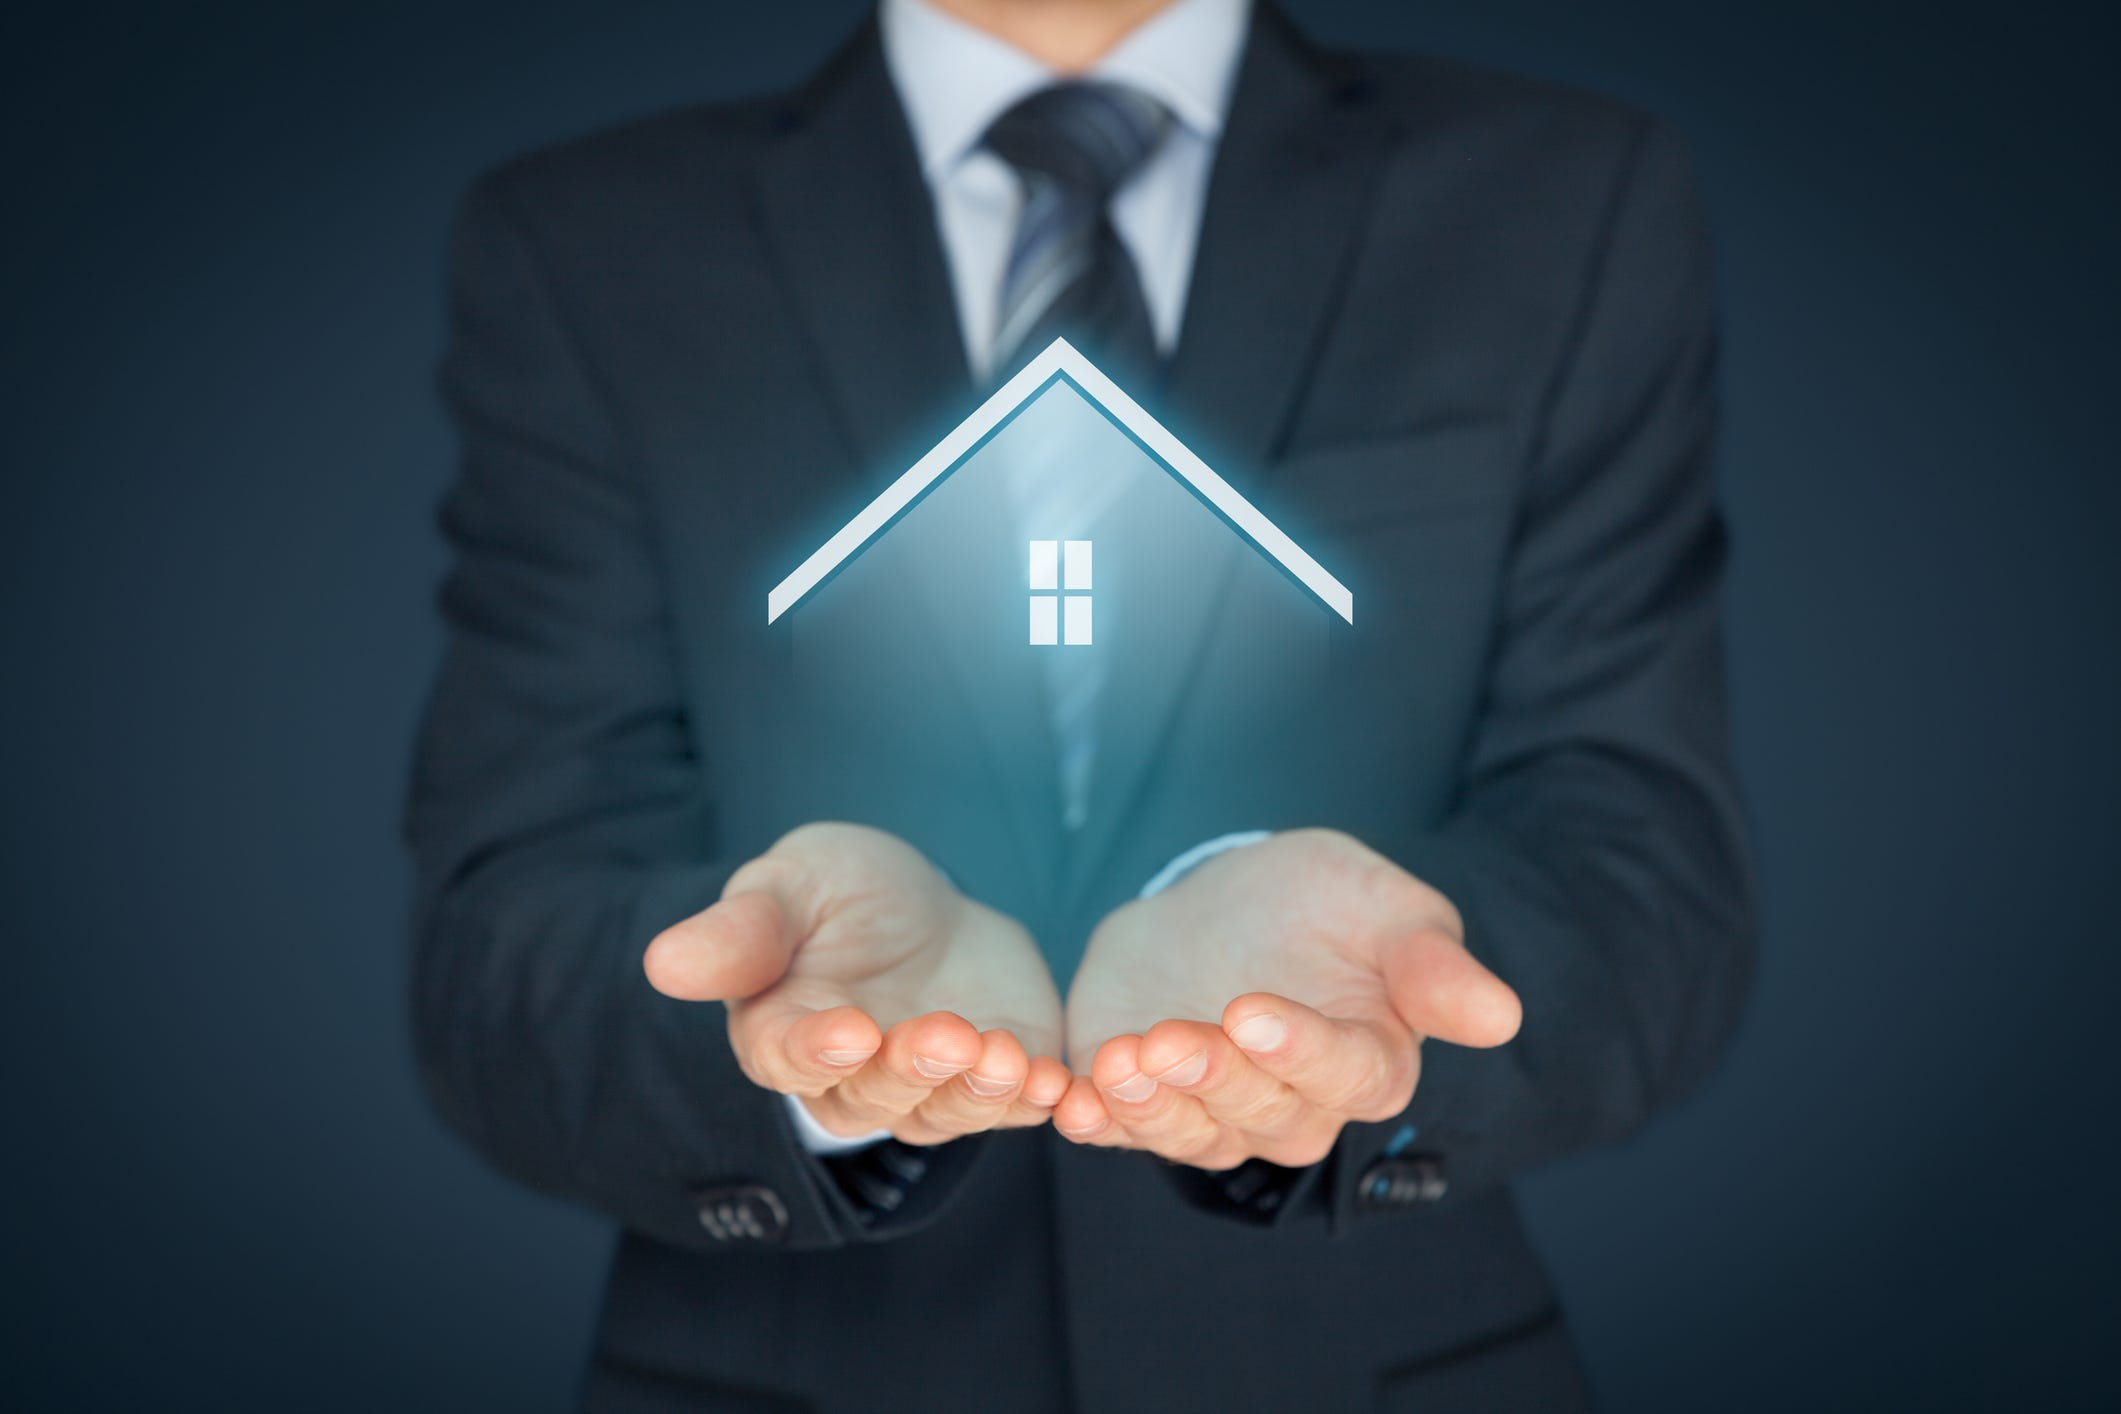 Gilbert real-estate tech firm OfferPad gains financing